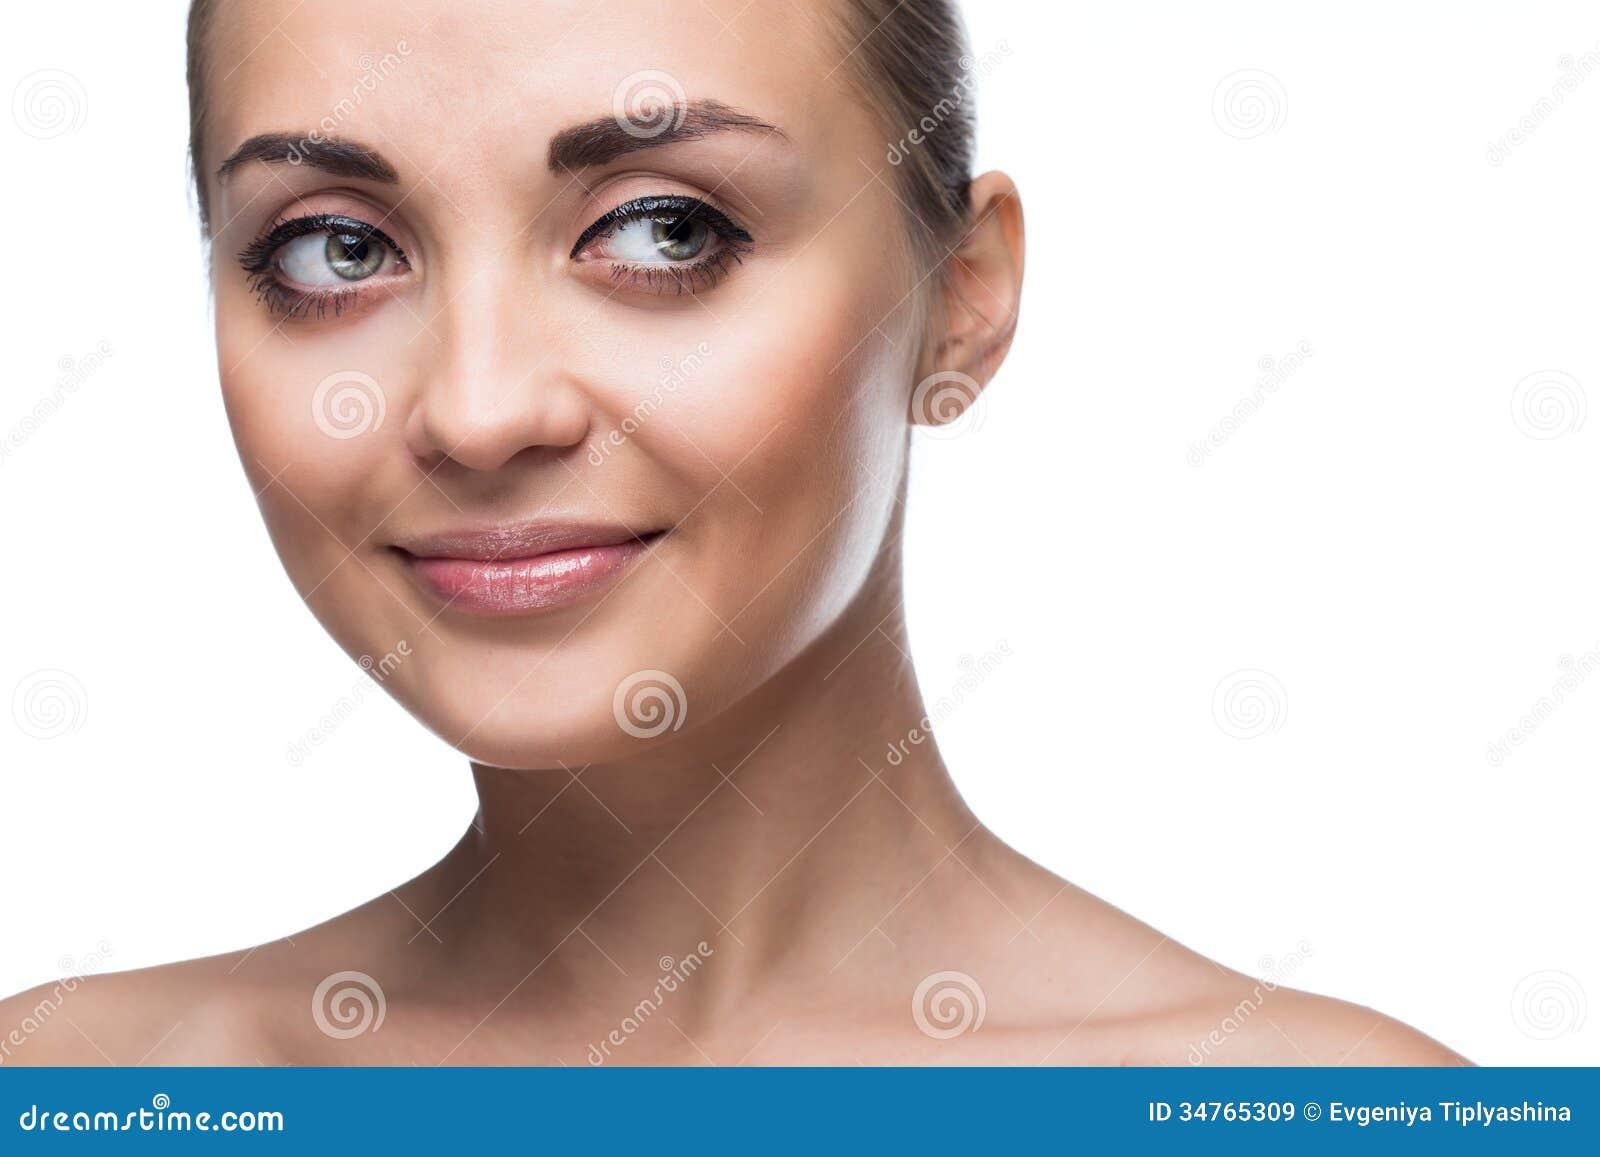 Πρόσωπο γυναικών ομορφιάς